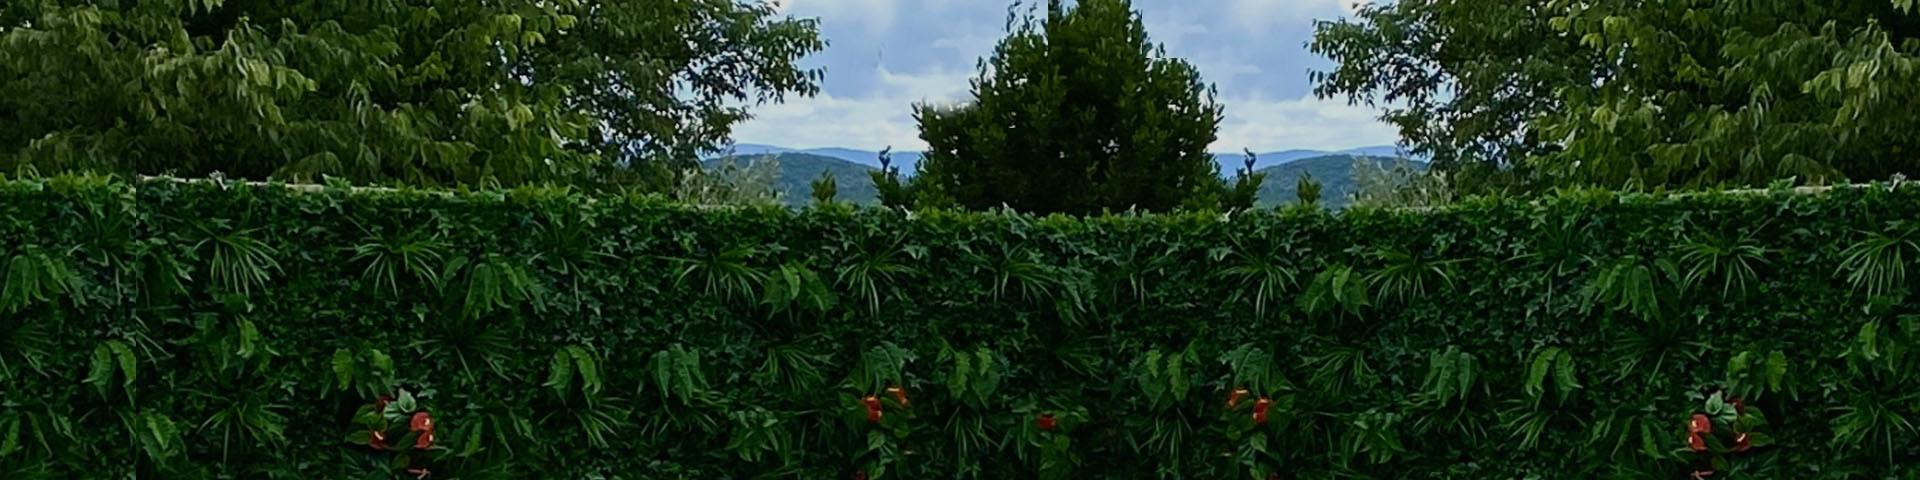 Vente de feuillages artificiels, murs végétaux et treillis extensibles